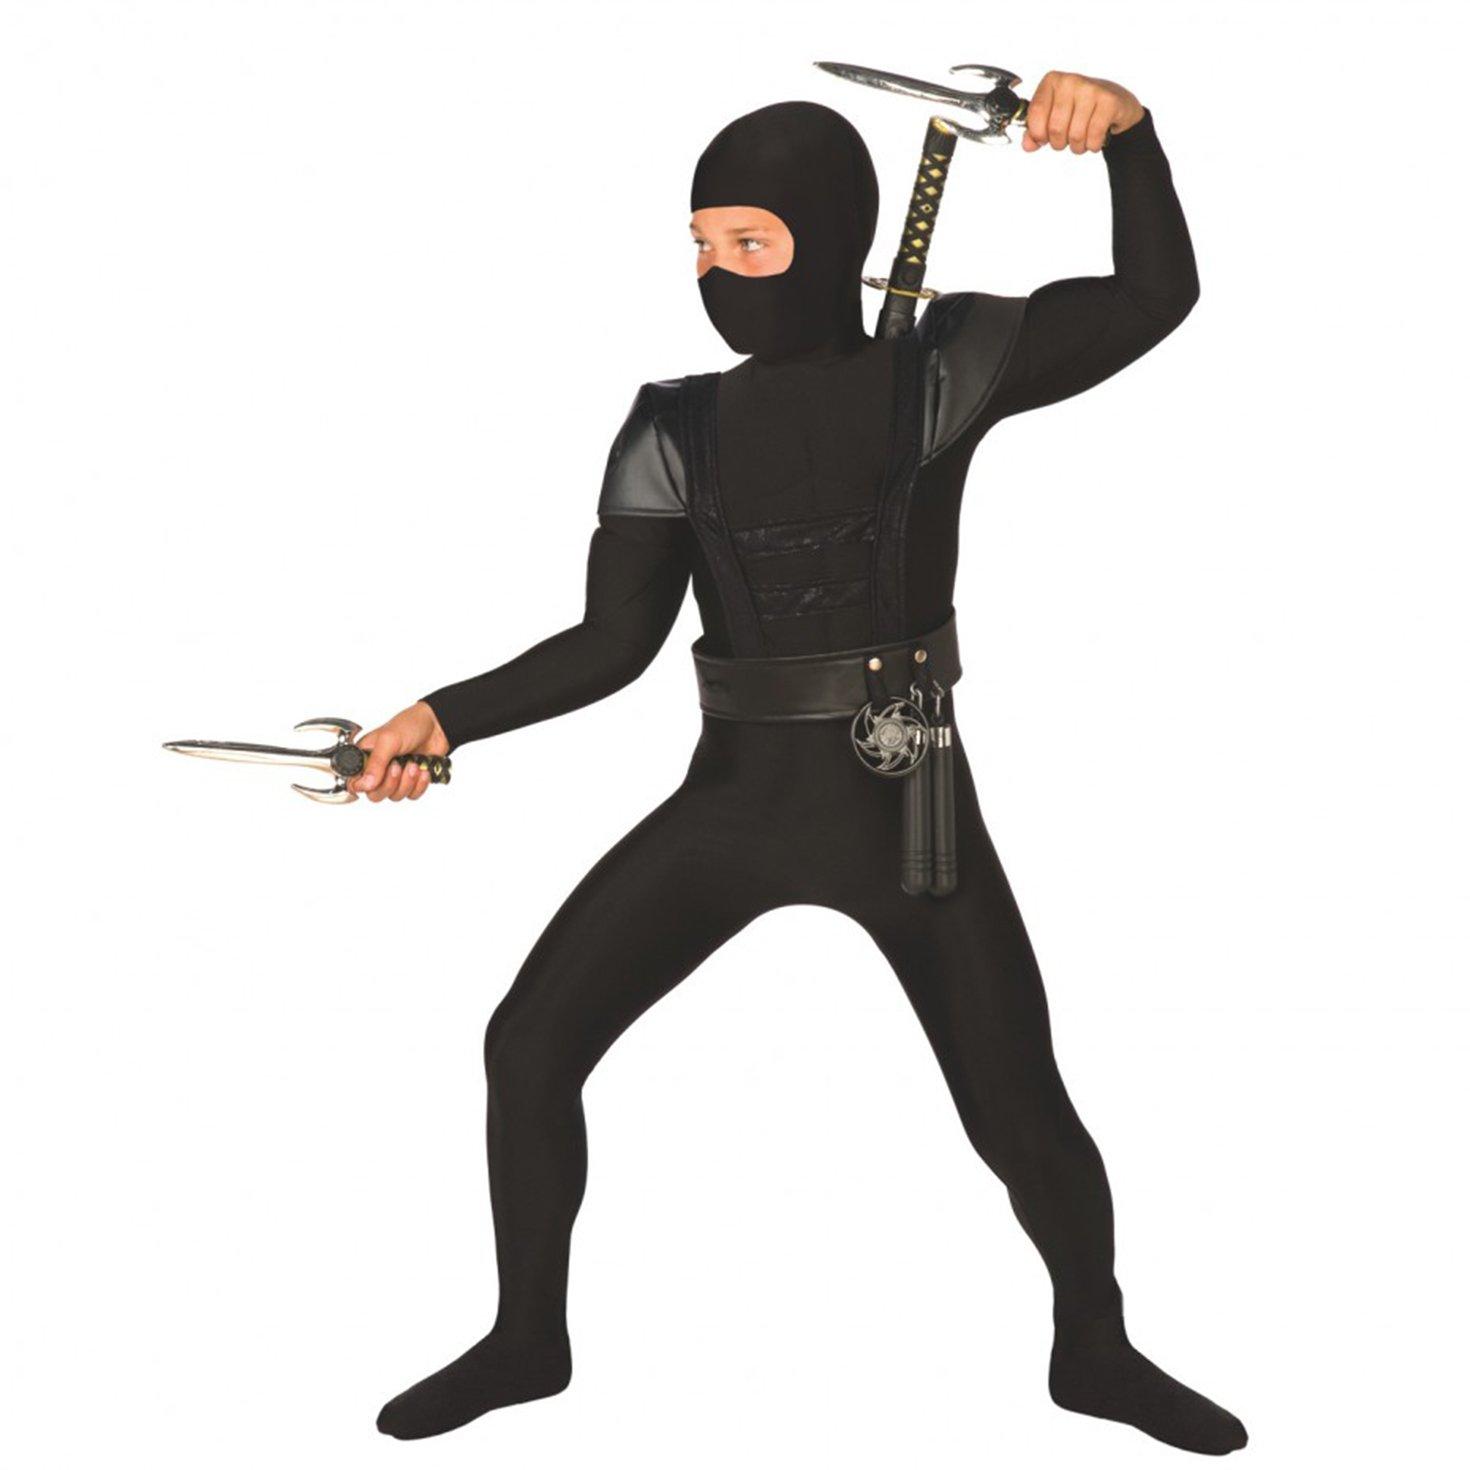 Kids Ninja Costume Childrens Black Kung Fu Karate Outfit - Medium (Age 6-8)